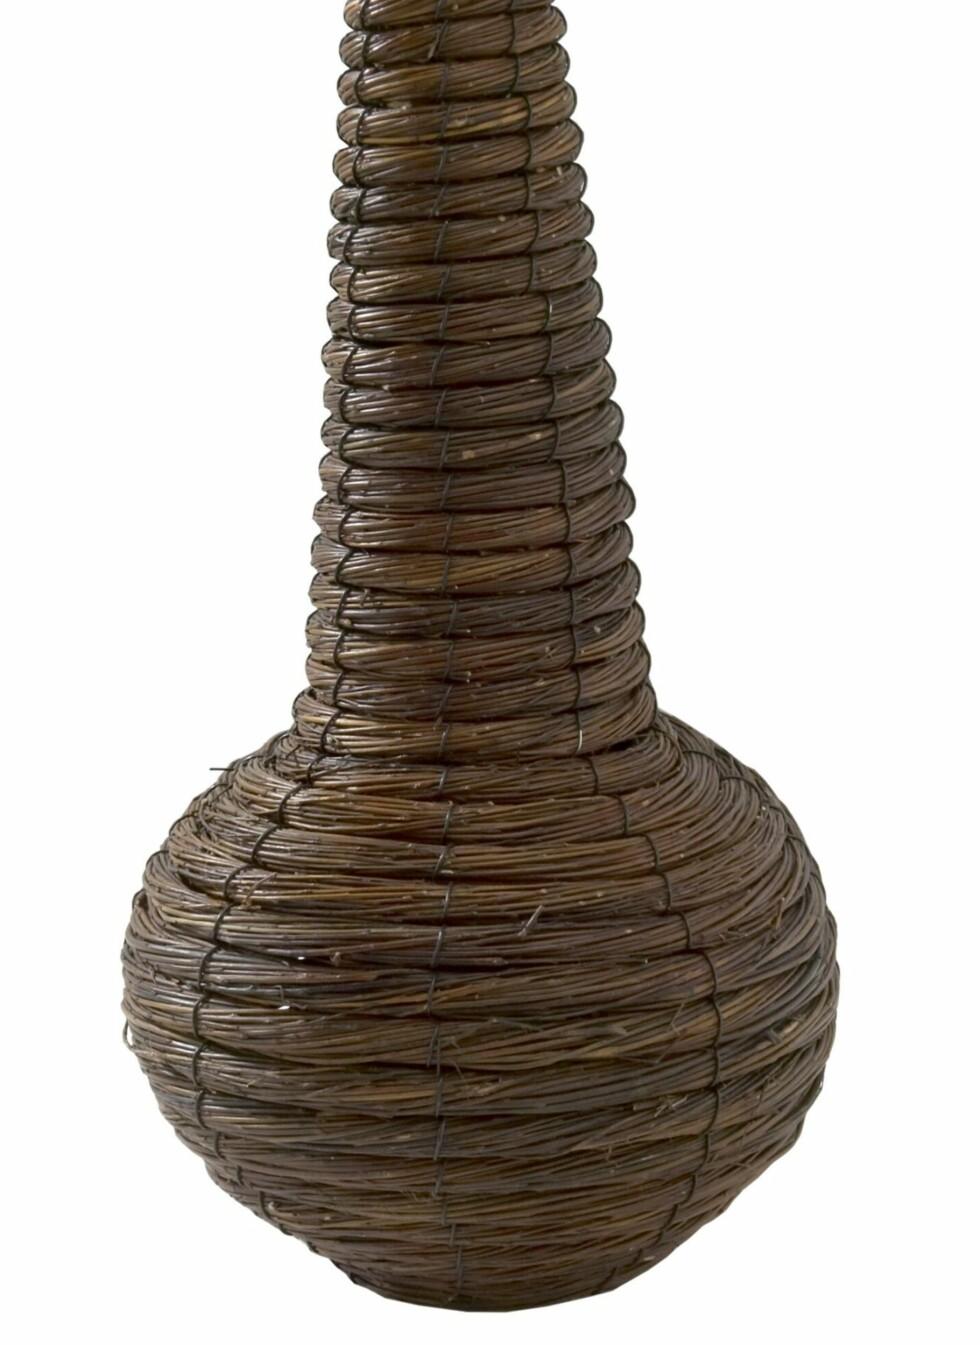 Kurvvase i pil, 40 cm høy, Jotex, kr 179. Foto: Produsenten